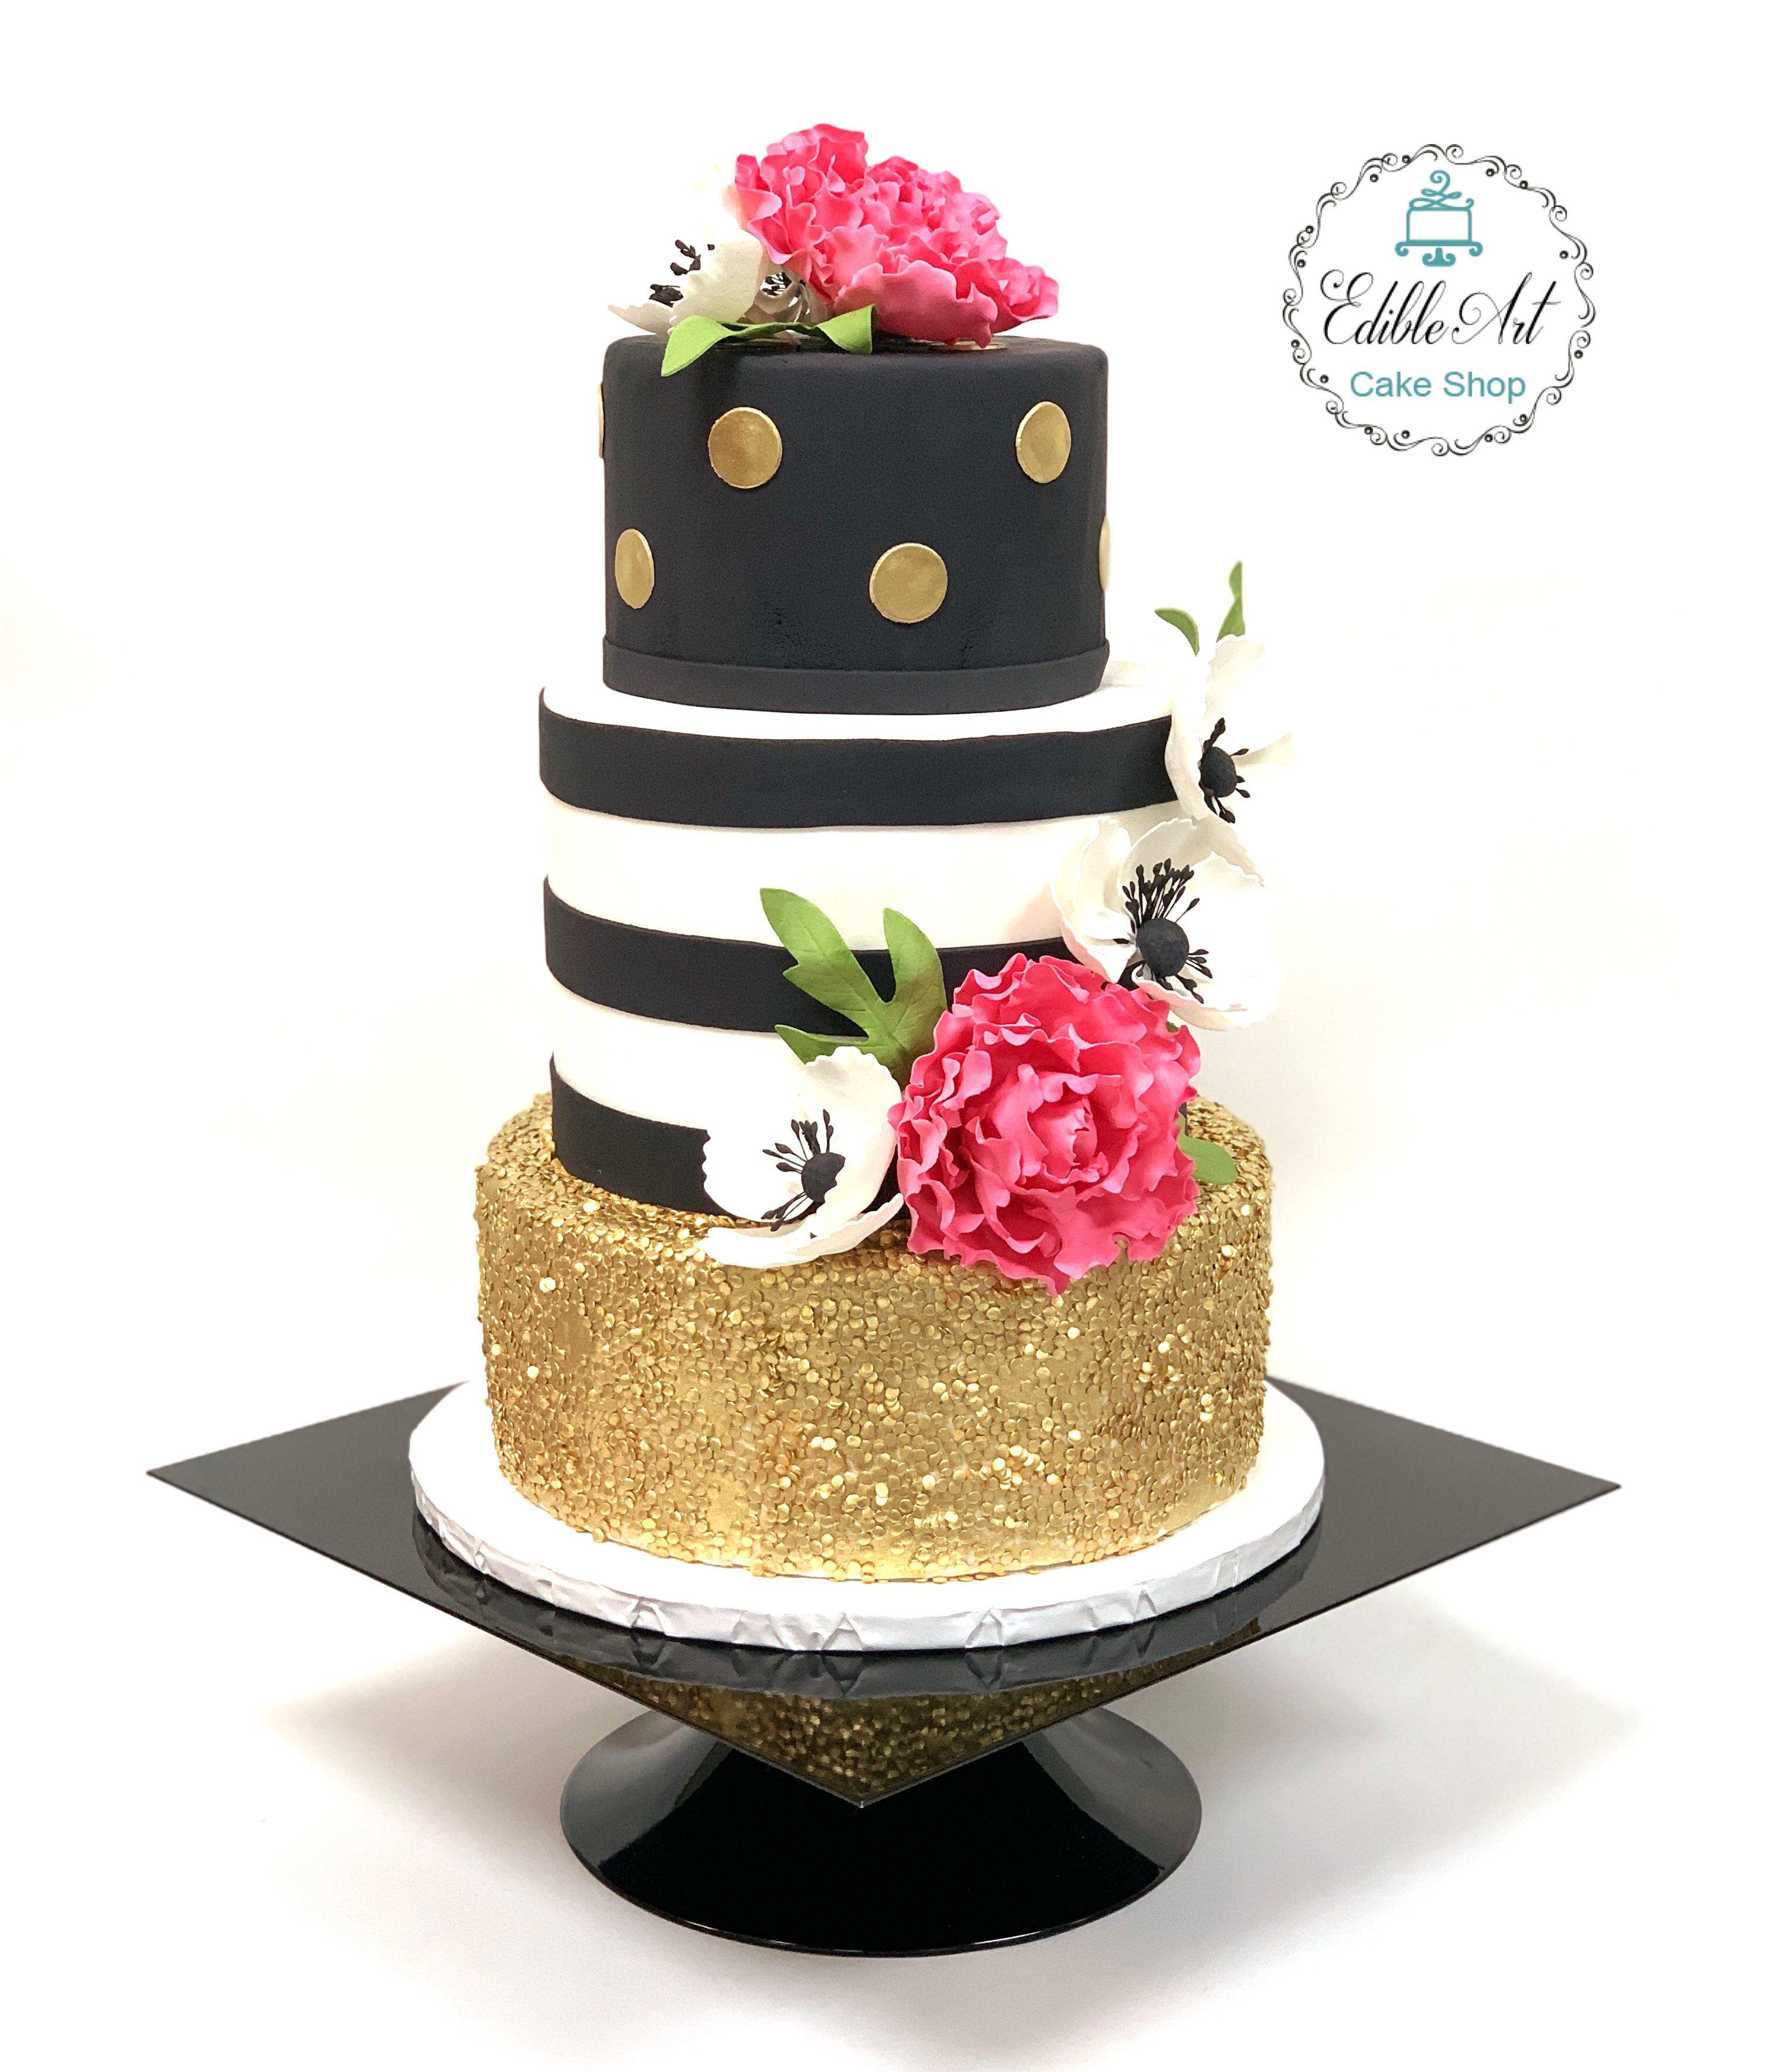 Cakes wedding by edible art cake shop wedding cakes